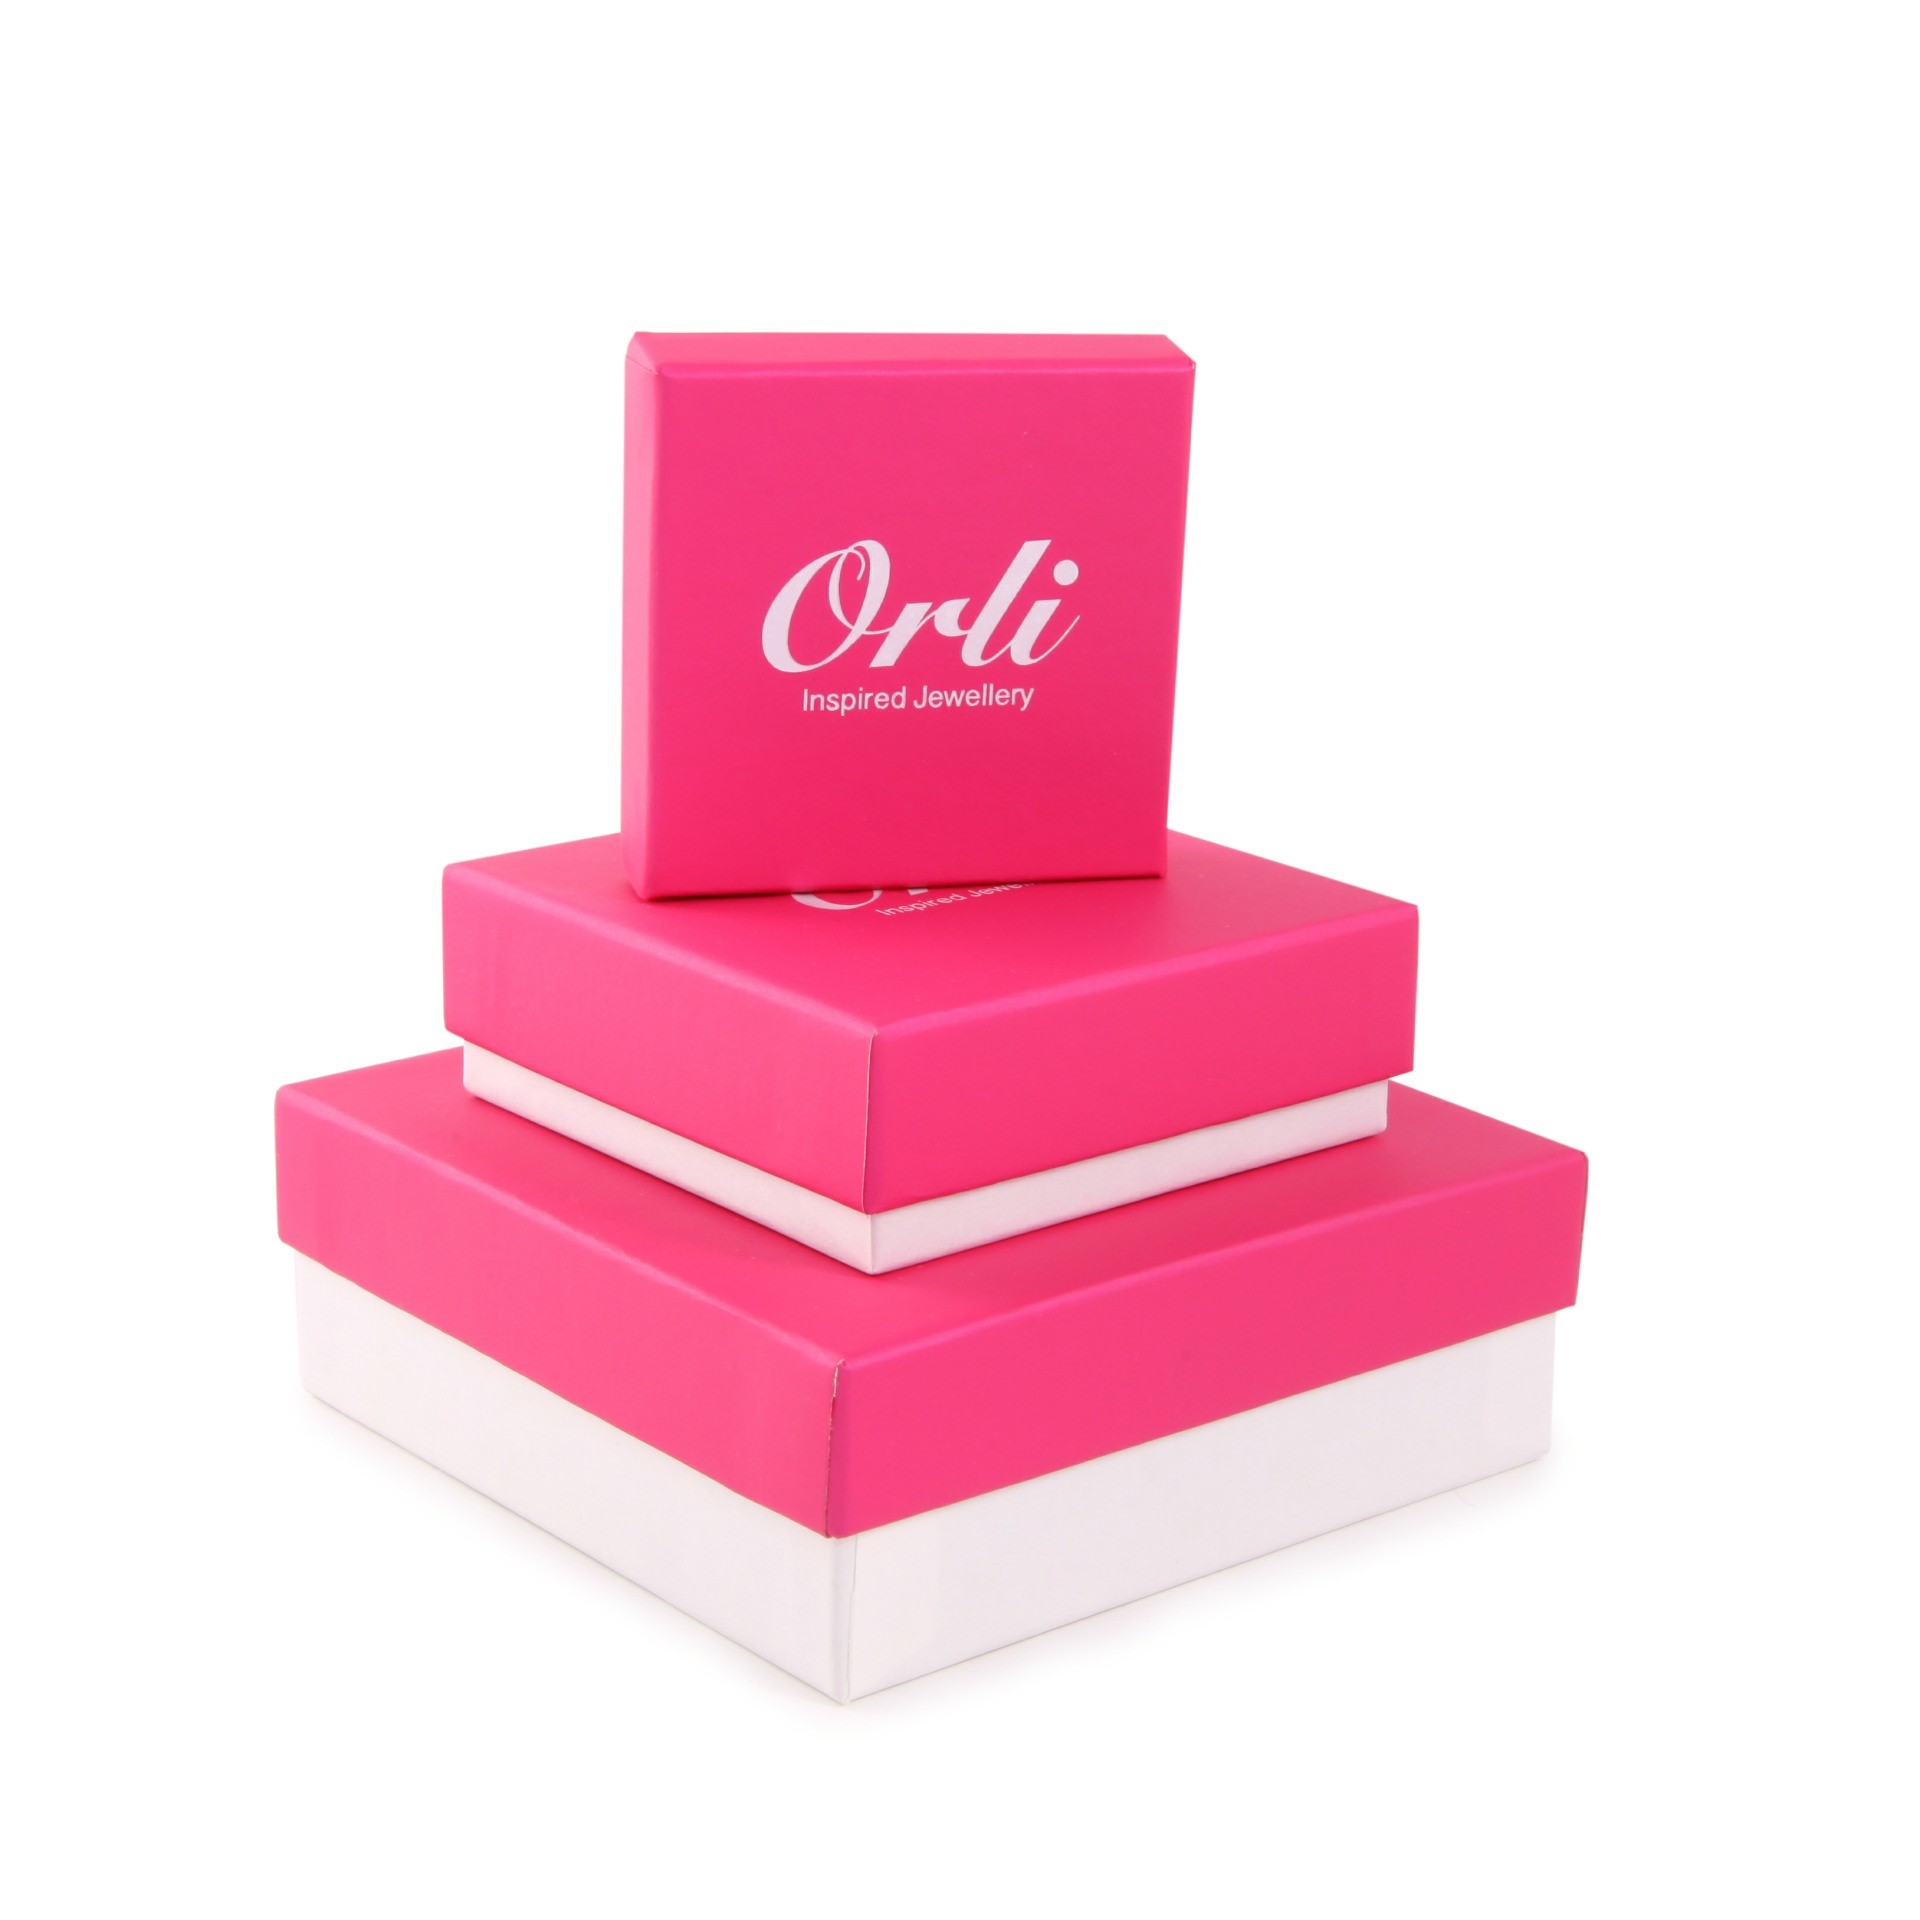 Orli UK Made Jewellery Boxes